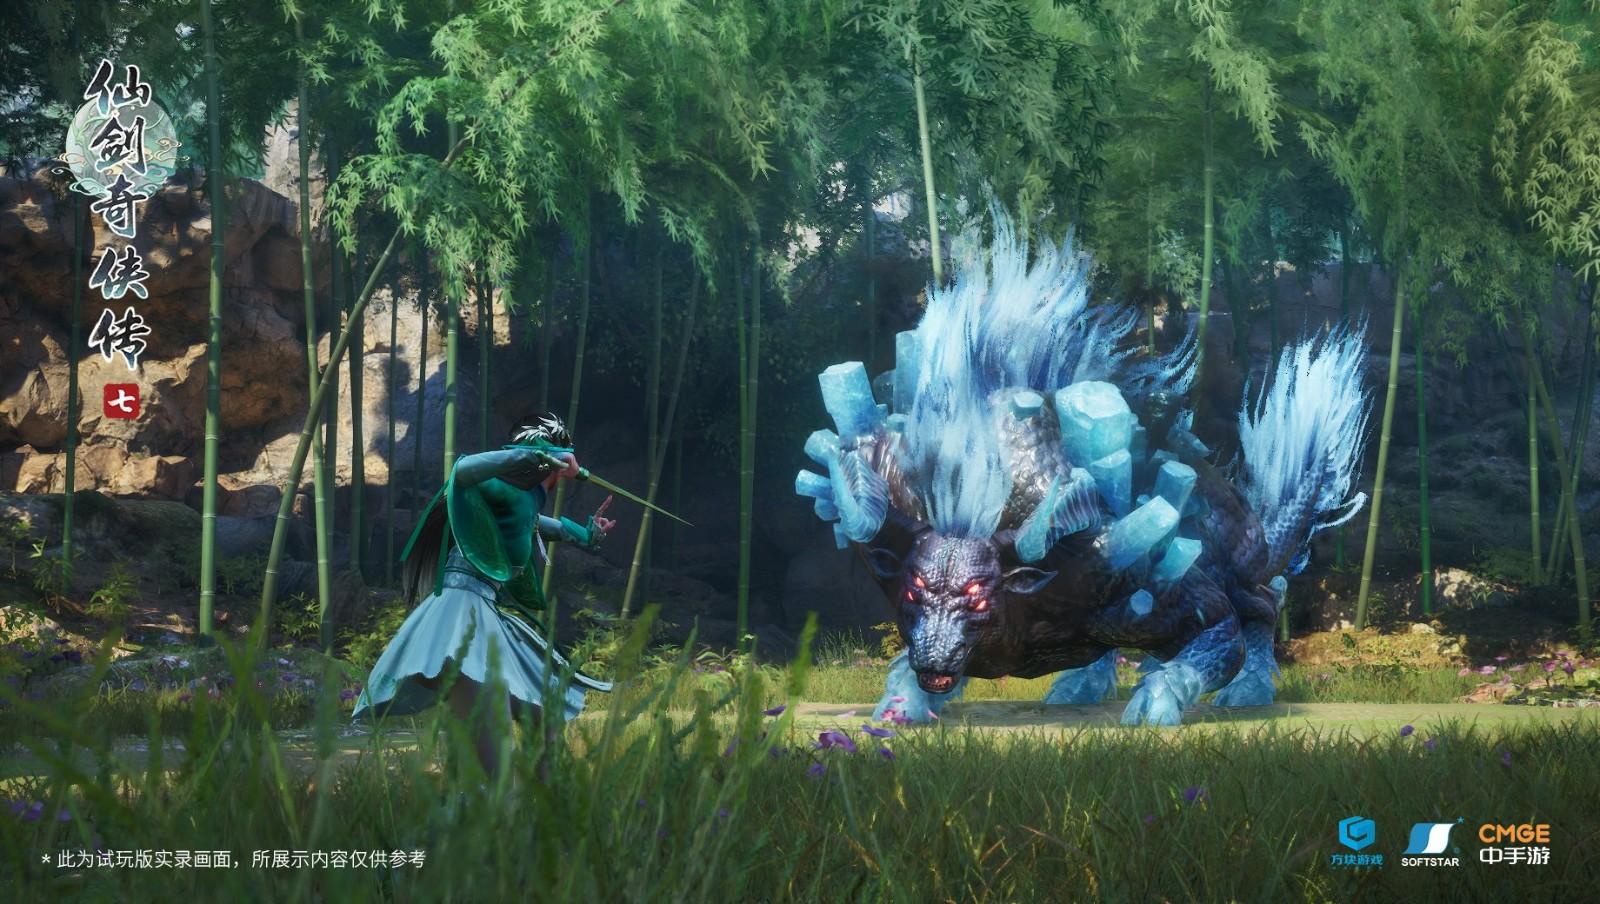 《仙剑奇侠传7》Steam版10月22日正式推出 预售已结束